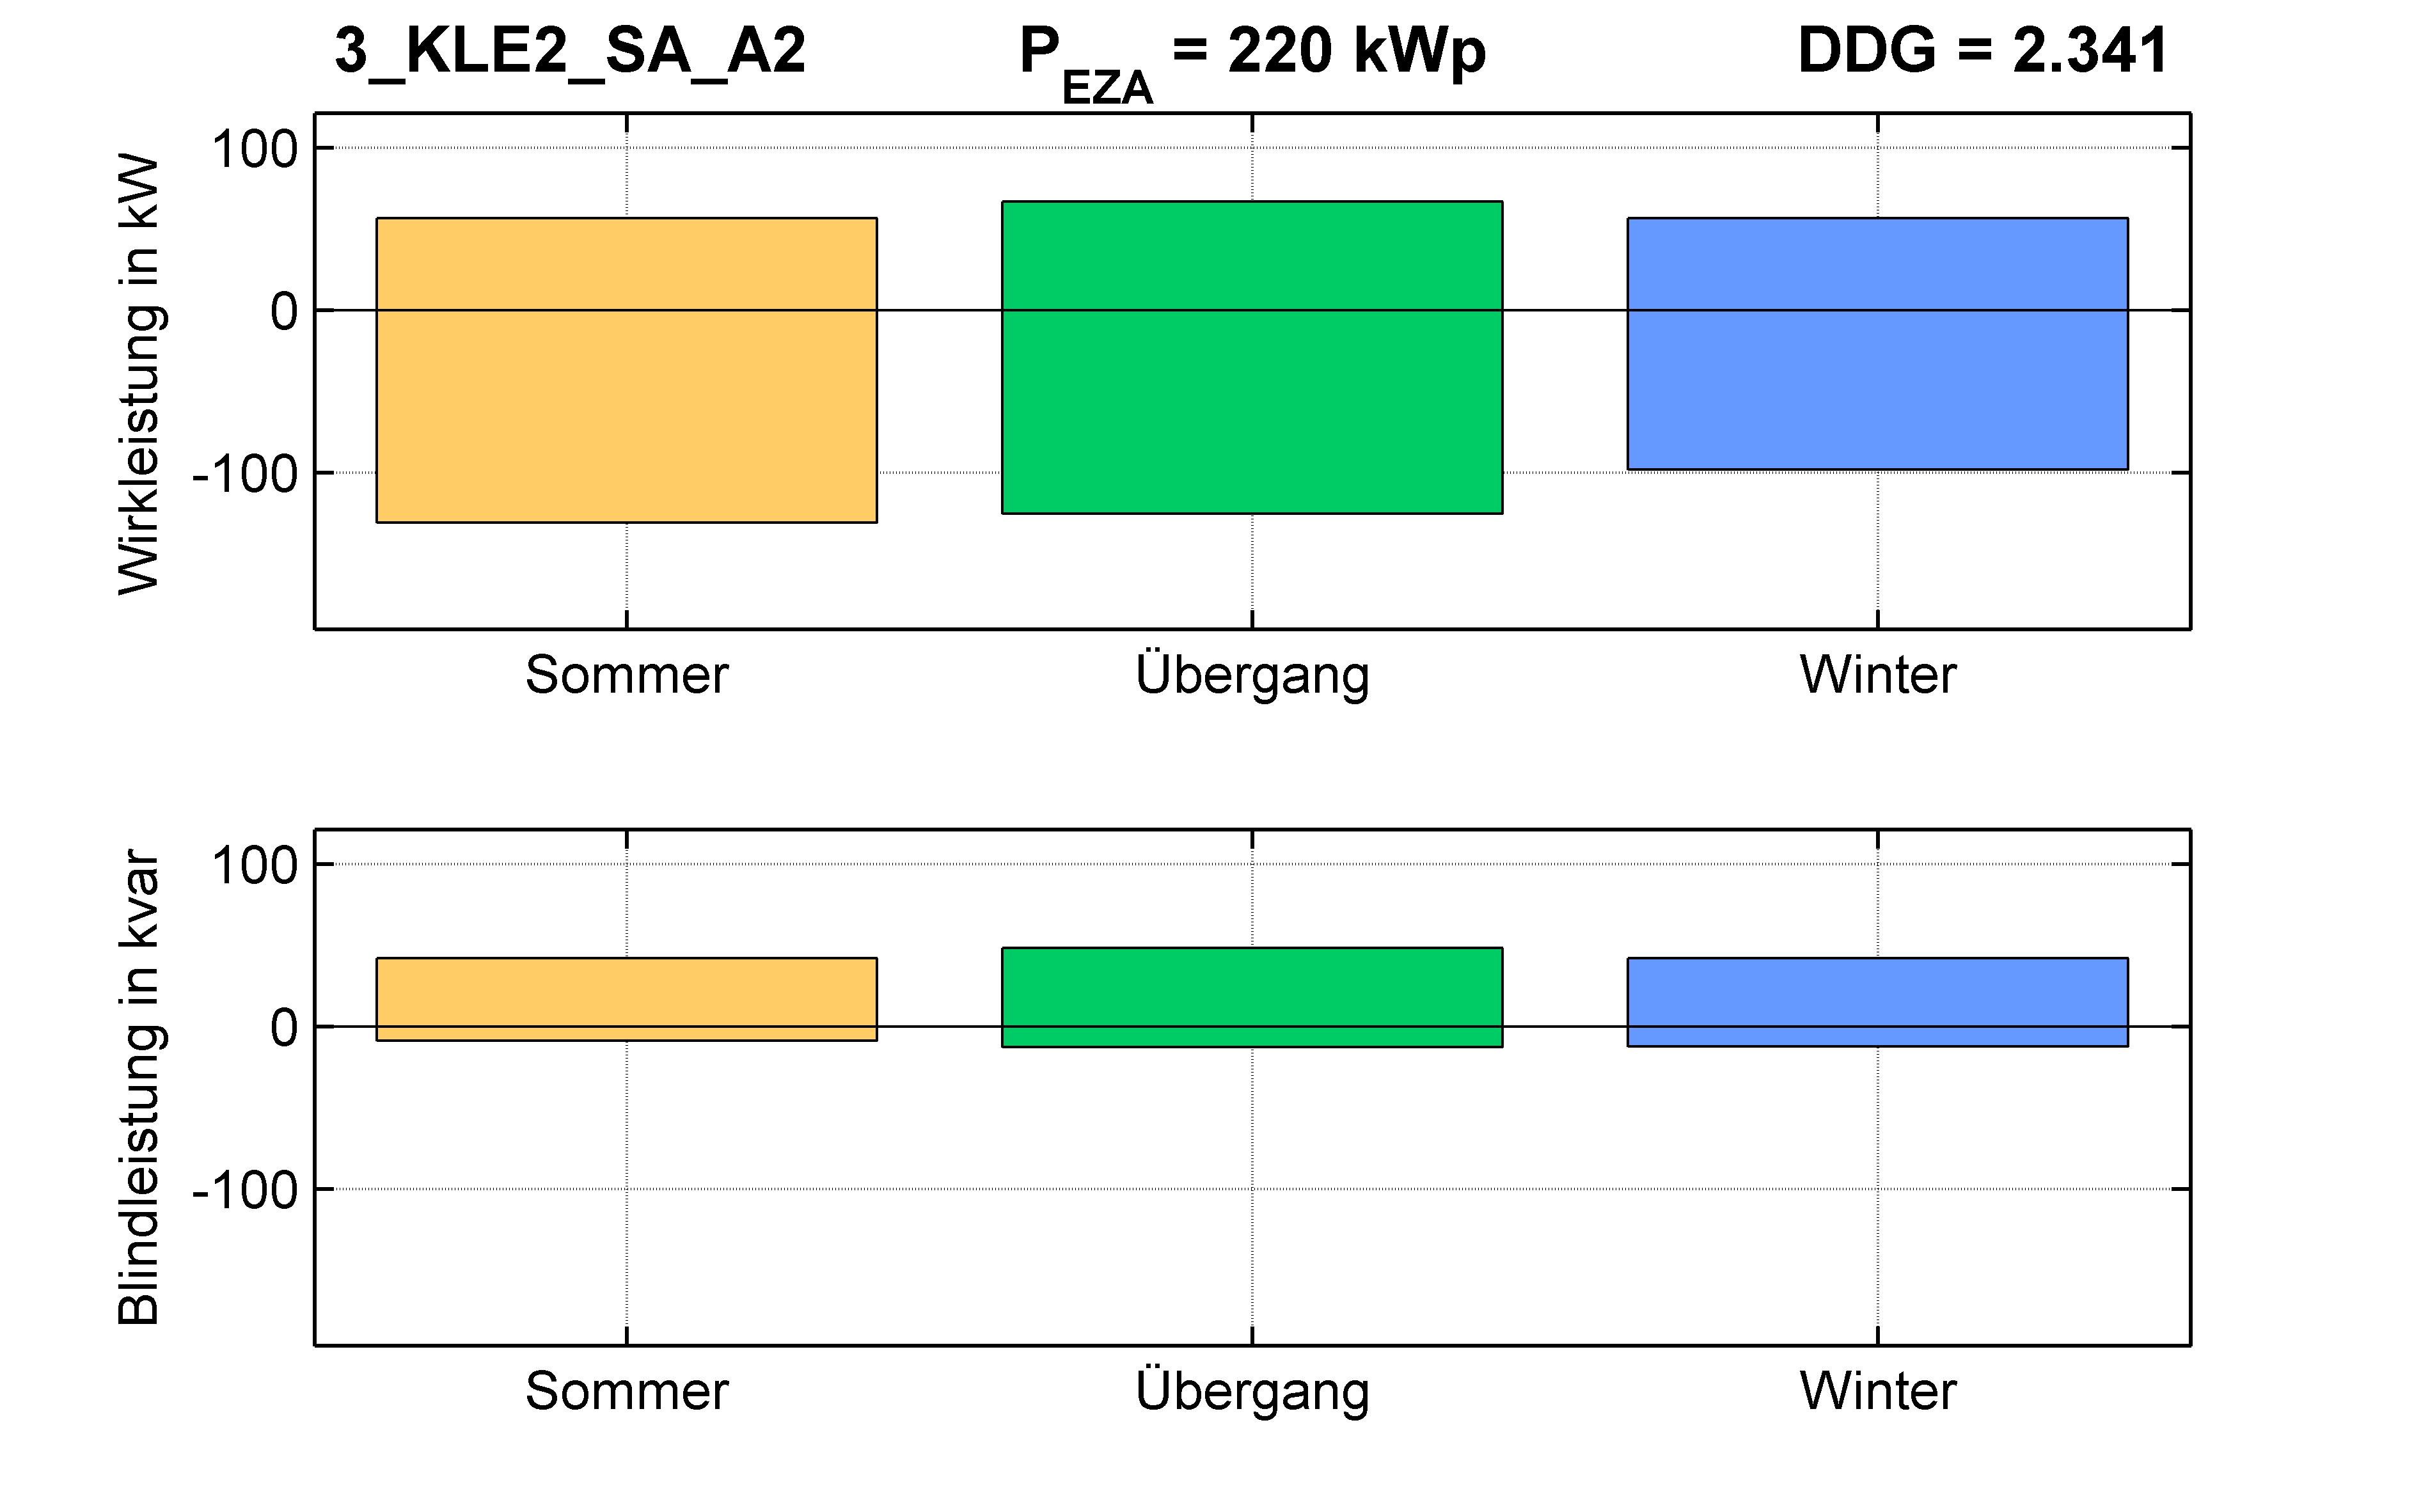 KLE2 | P-Kappung 70% (SA) A2 | PQ-Bilanz